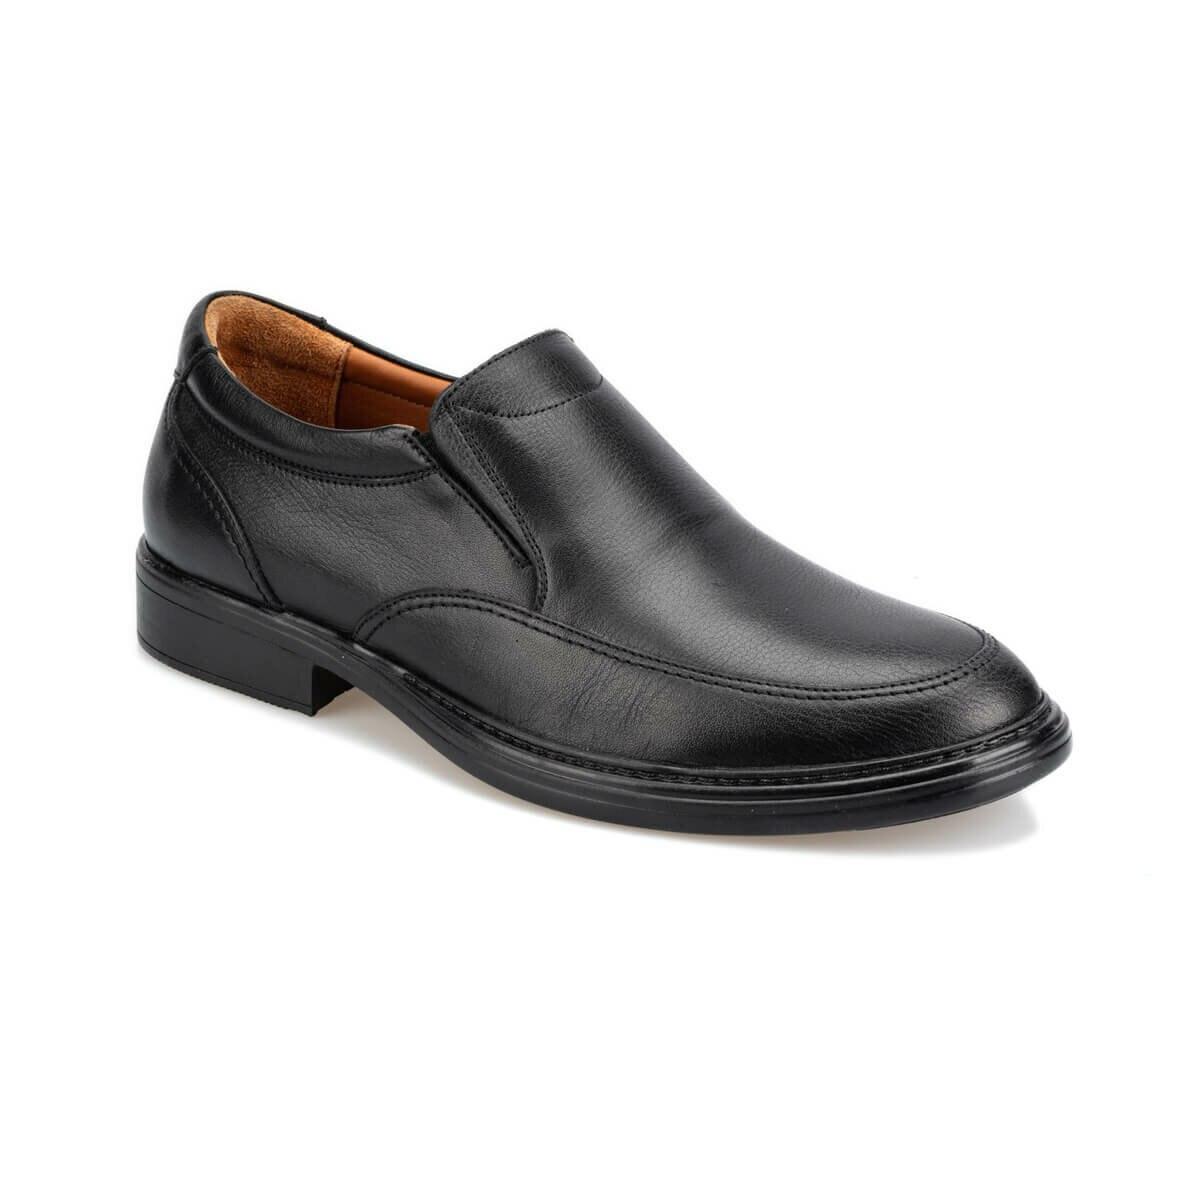 FLO 92.100882.M 黒人男性の靴ポラリス 5 ポイント